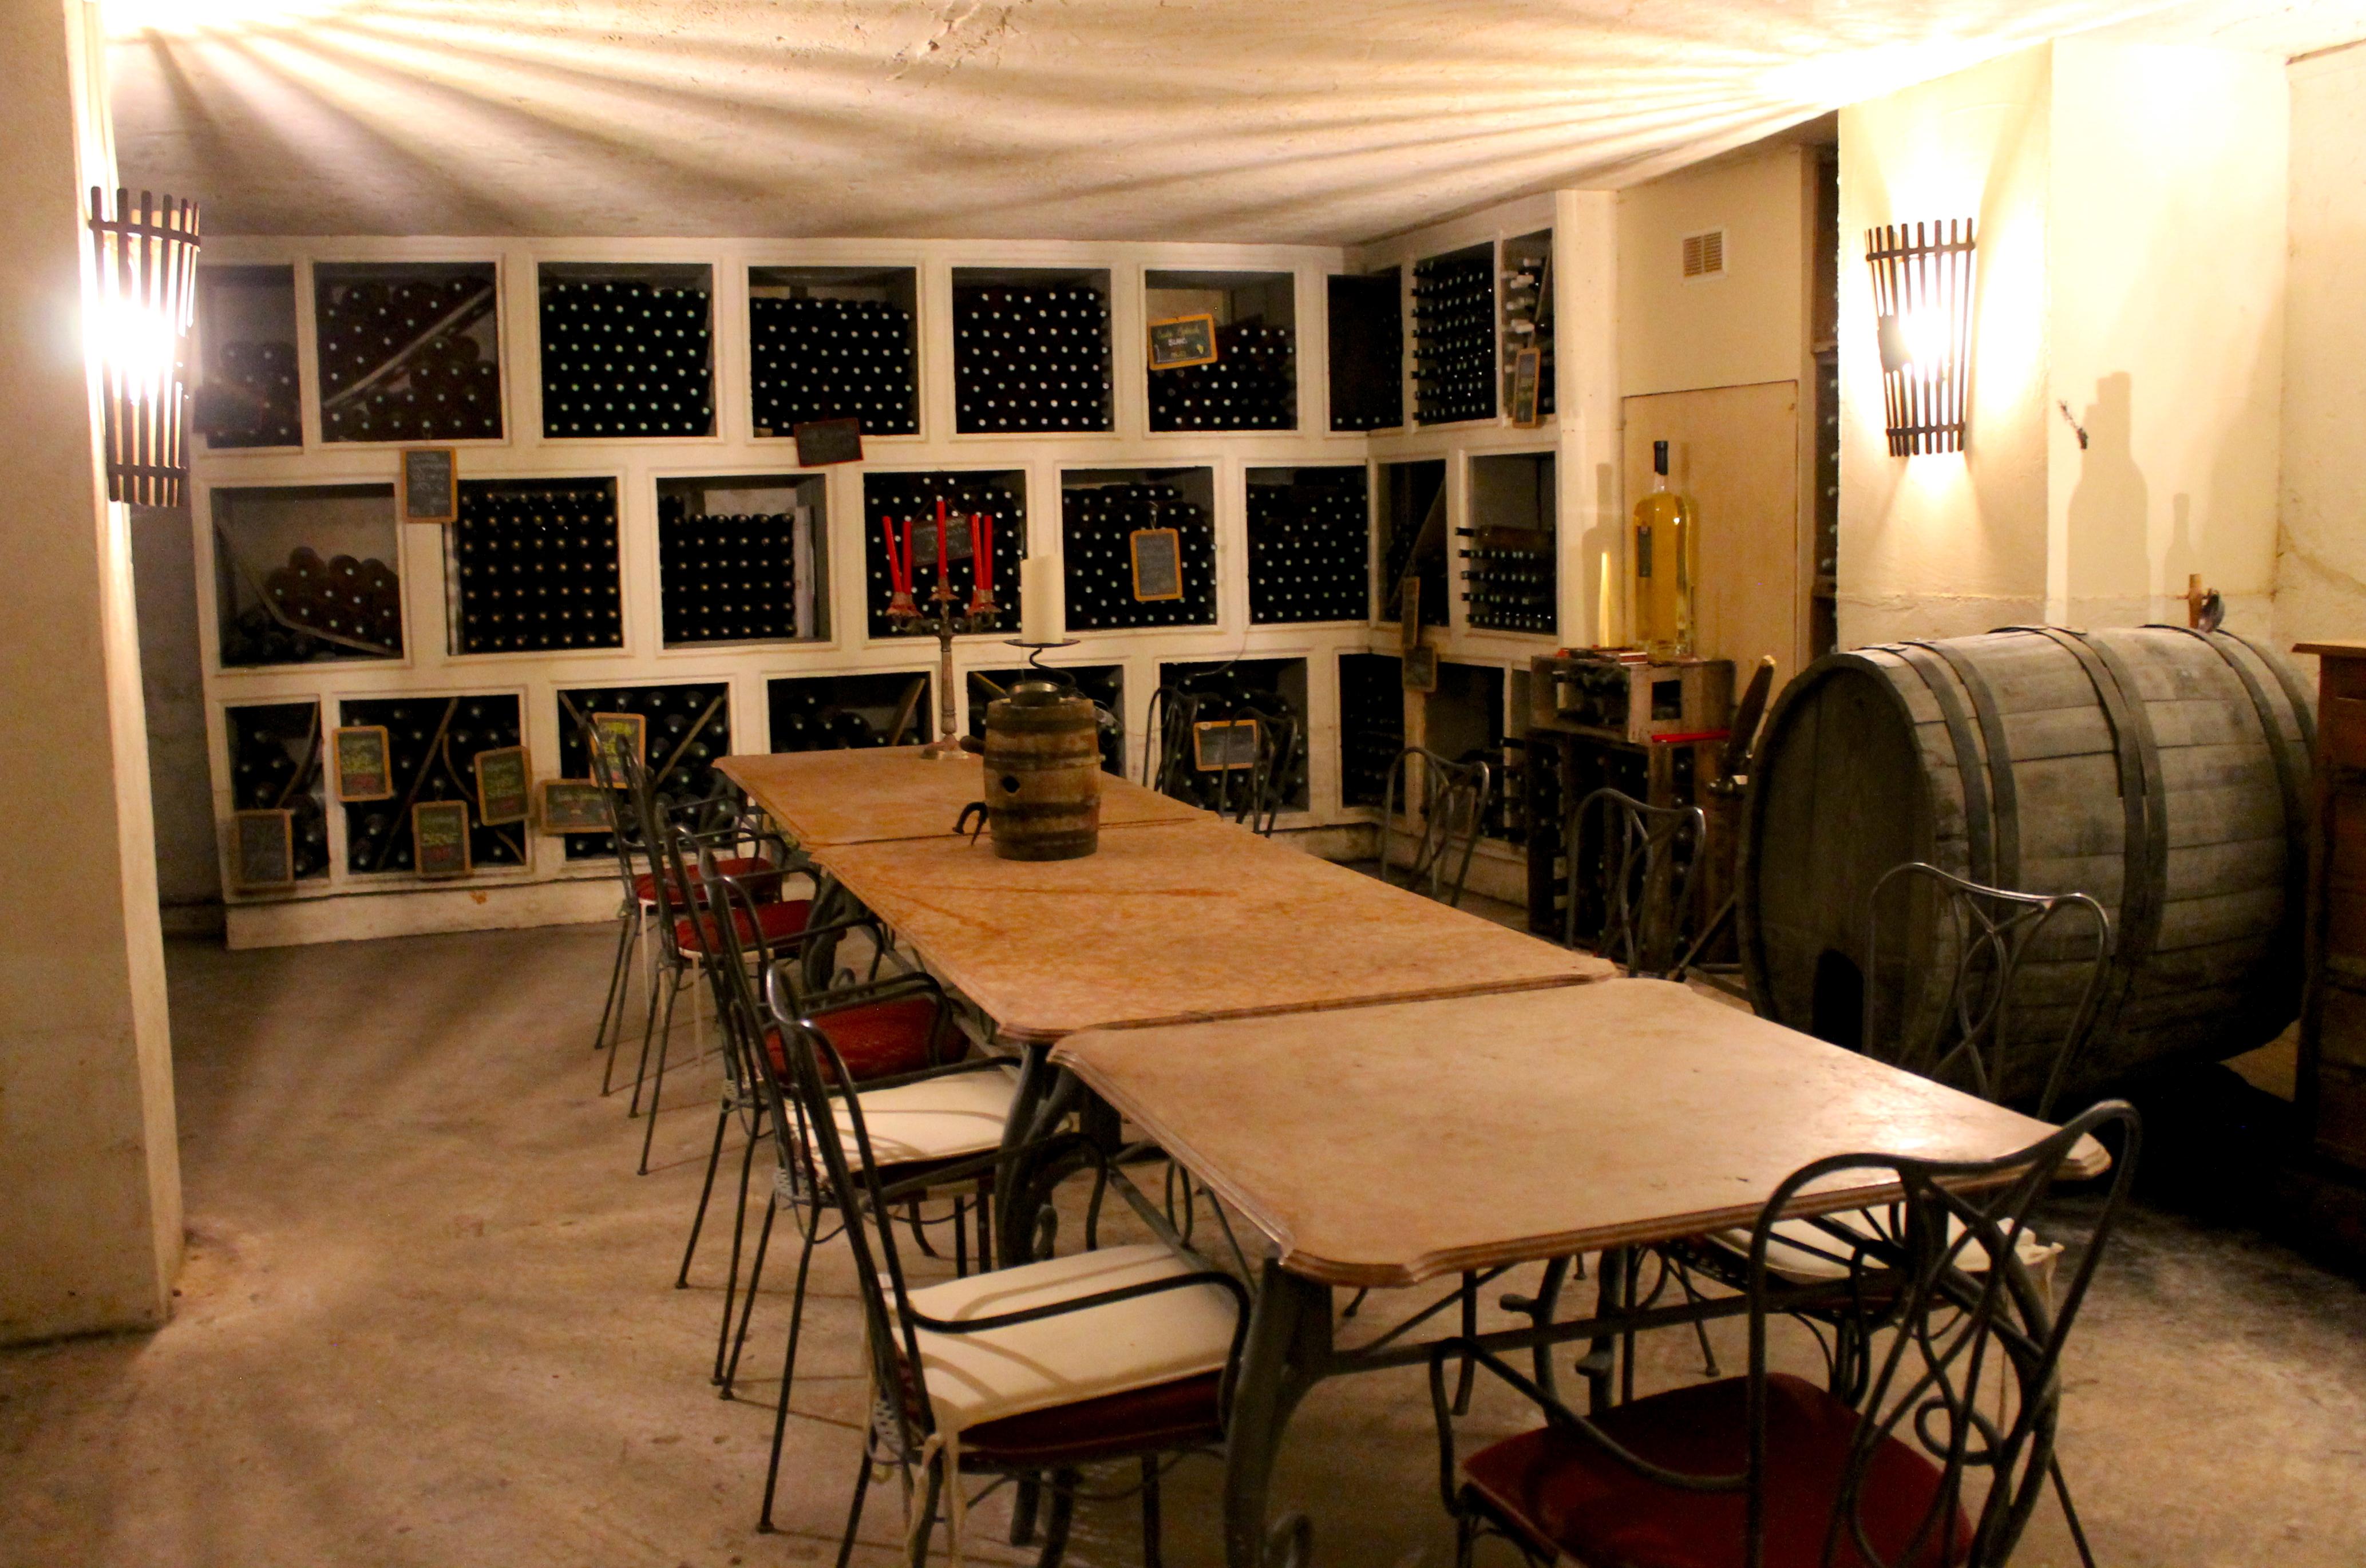 winecellar-lustforthesublime-chateaudeberne